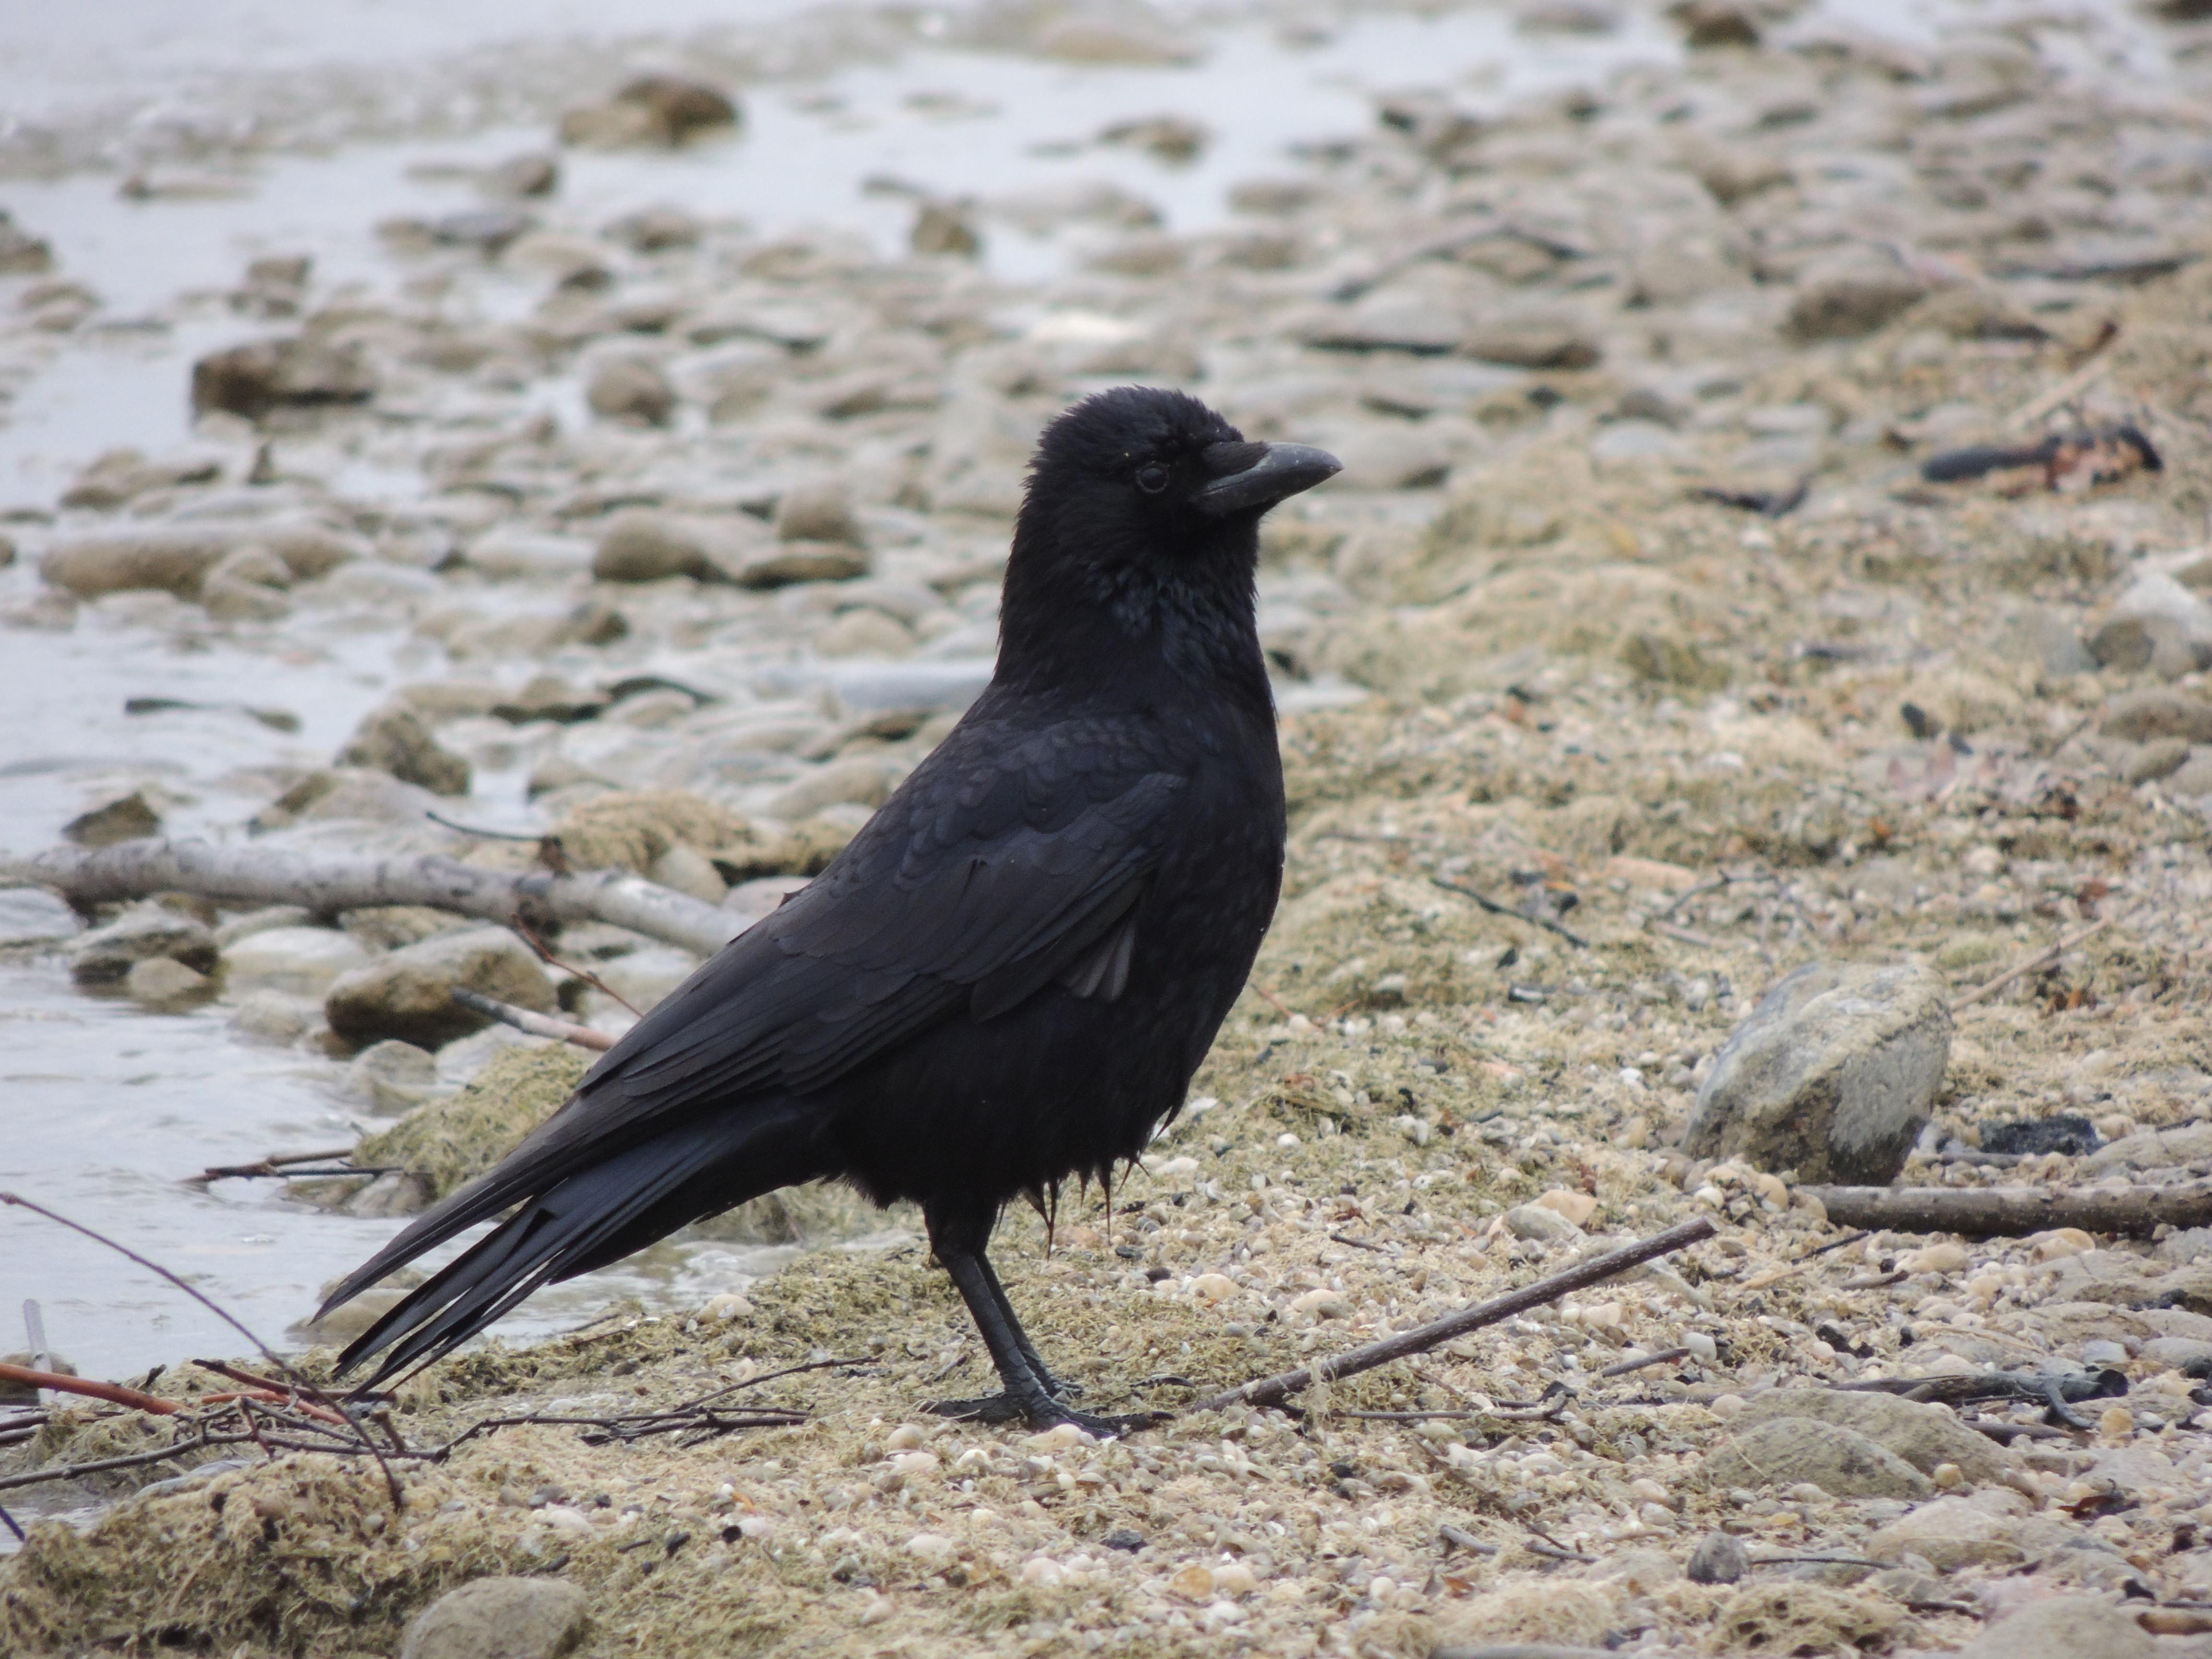 которое черные птицы имена и фото объявлений продажа